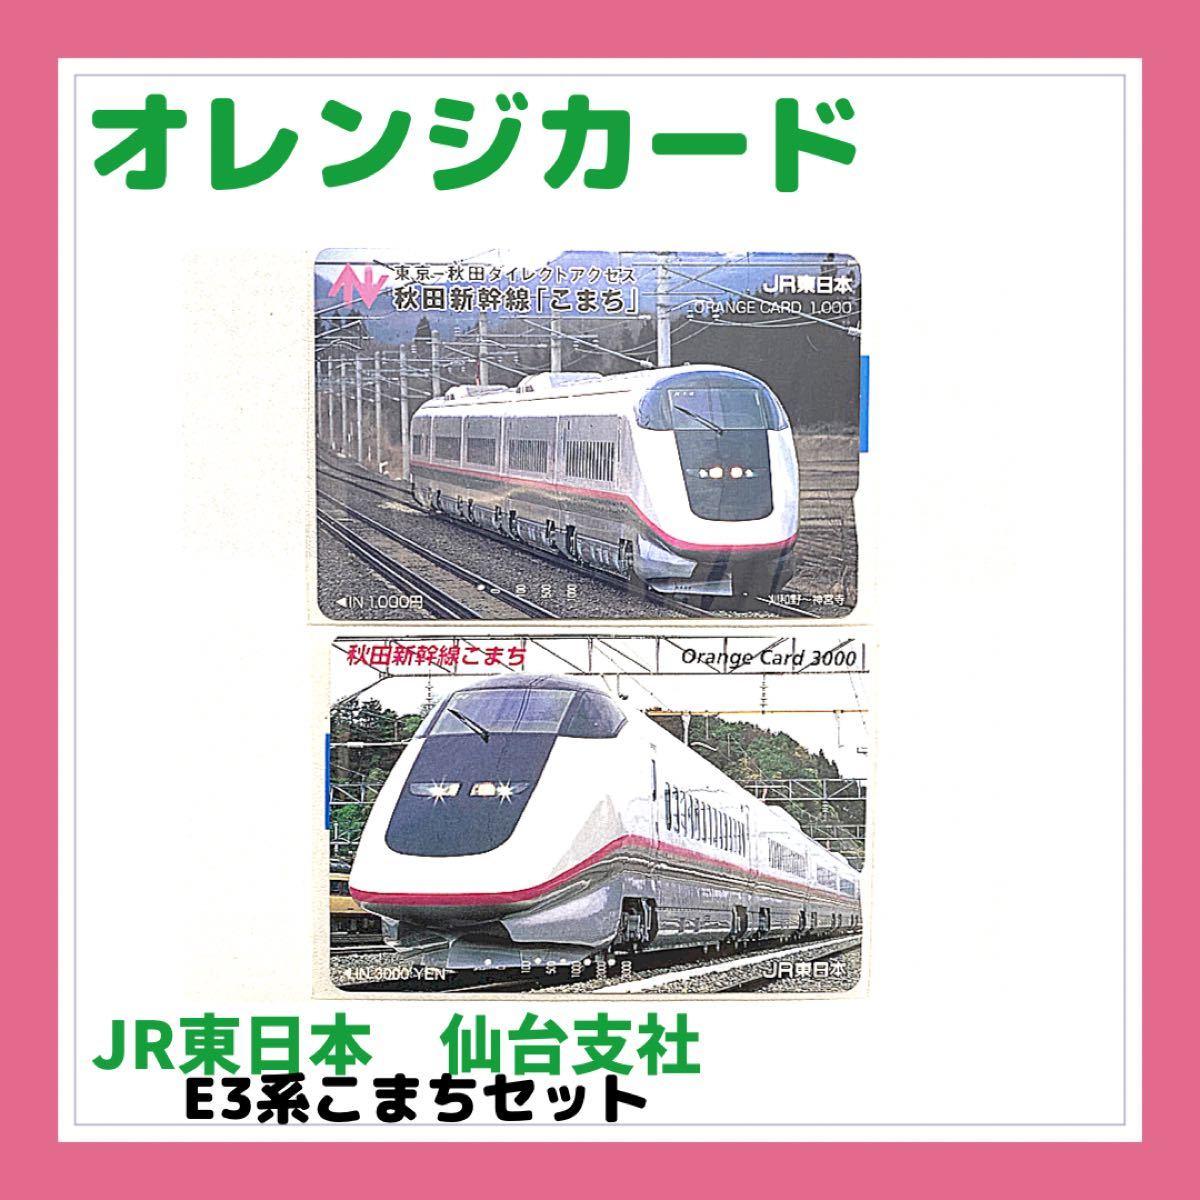 JR東日本 オレンジカード 使用済み 秋田新幹線セット